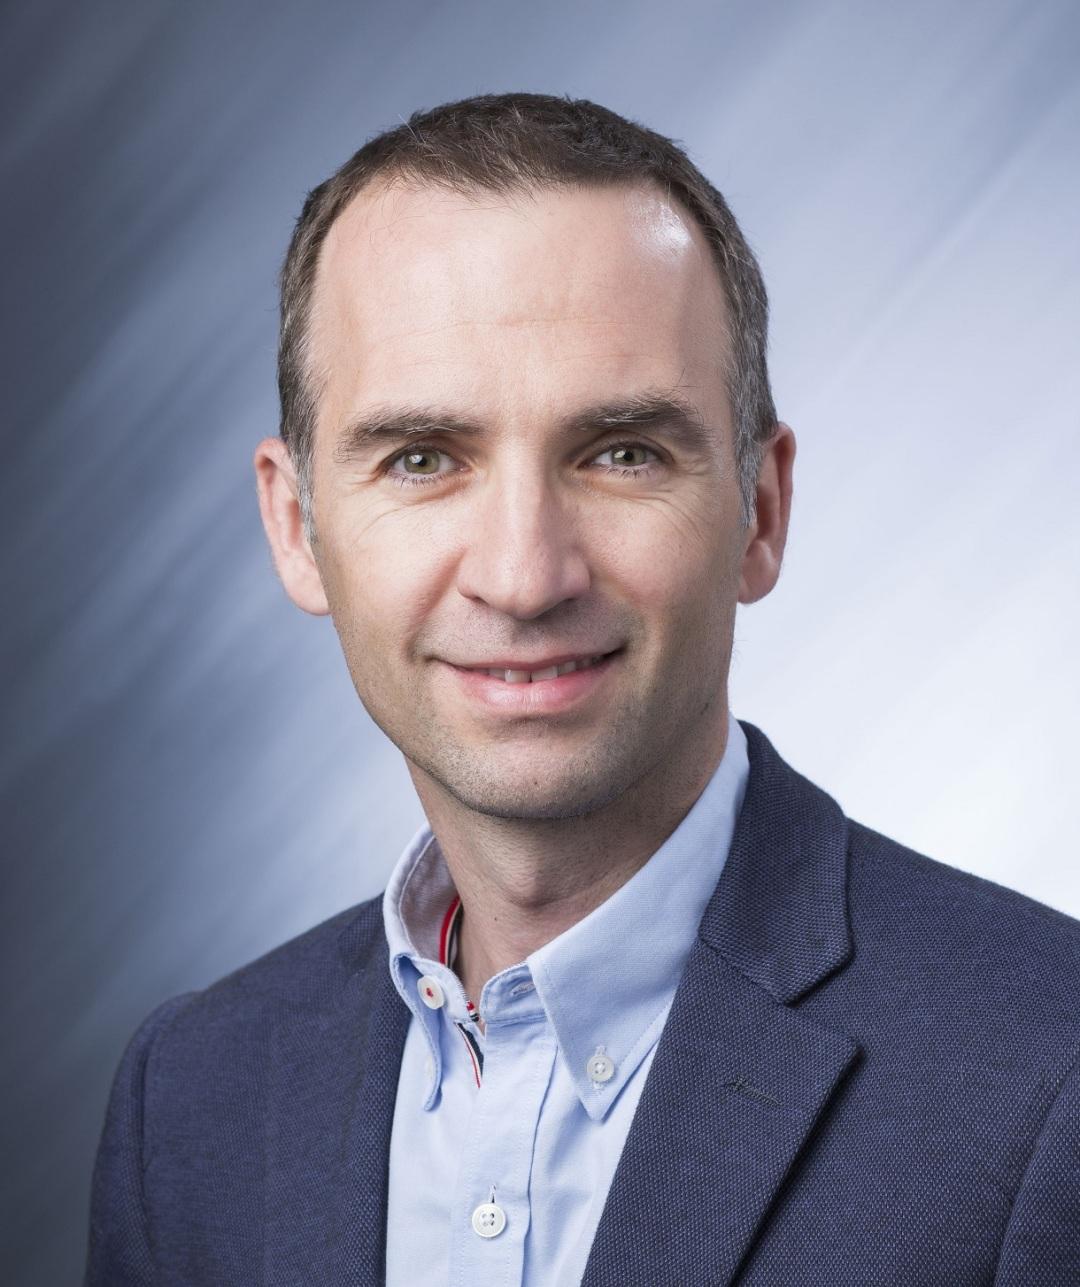 Albert Banchs